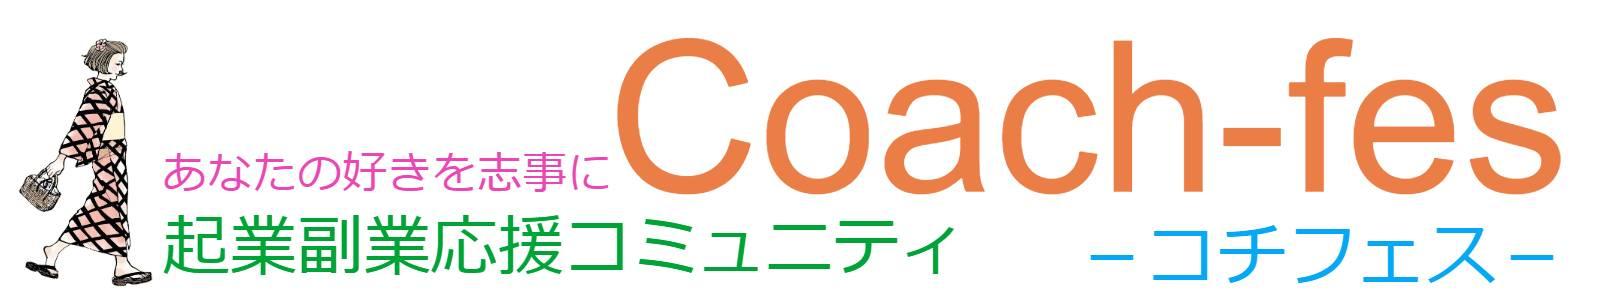 コチフェス Members site